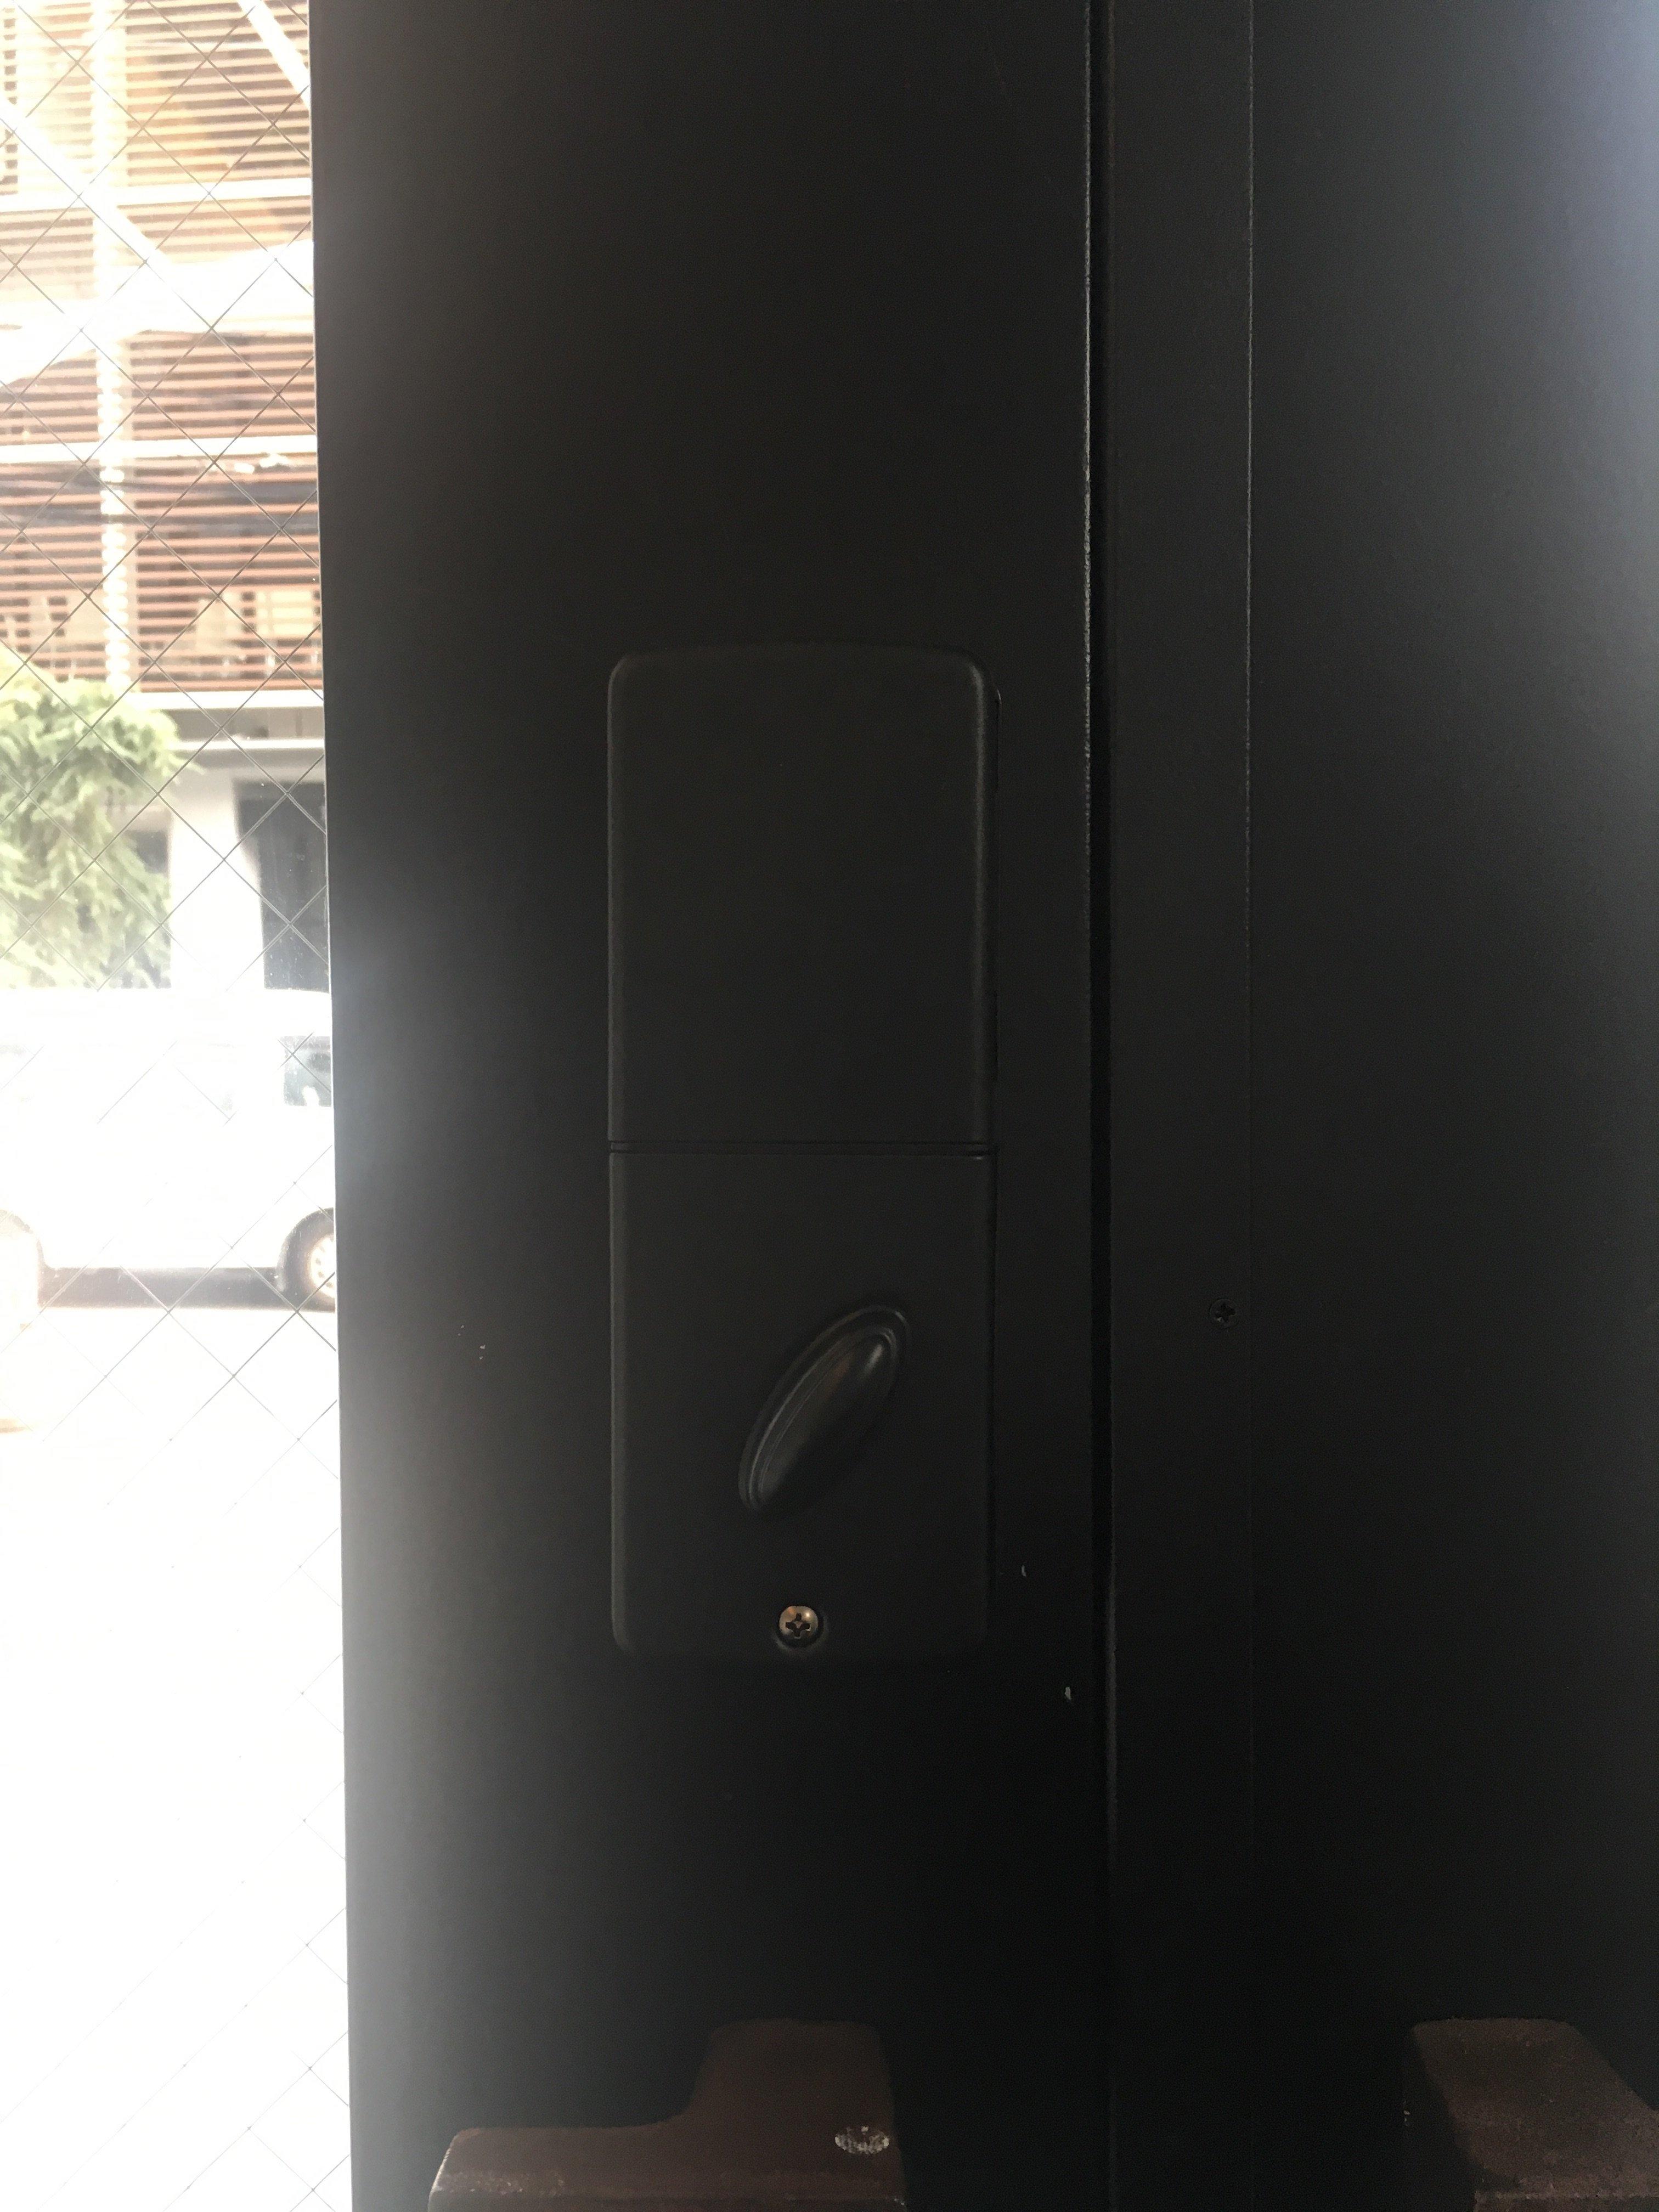 屋内側からみた電子錠(RemoteLOCK)